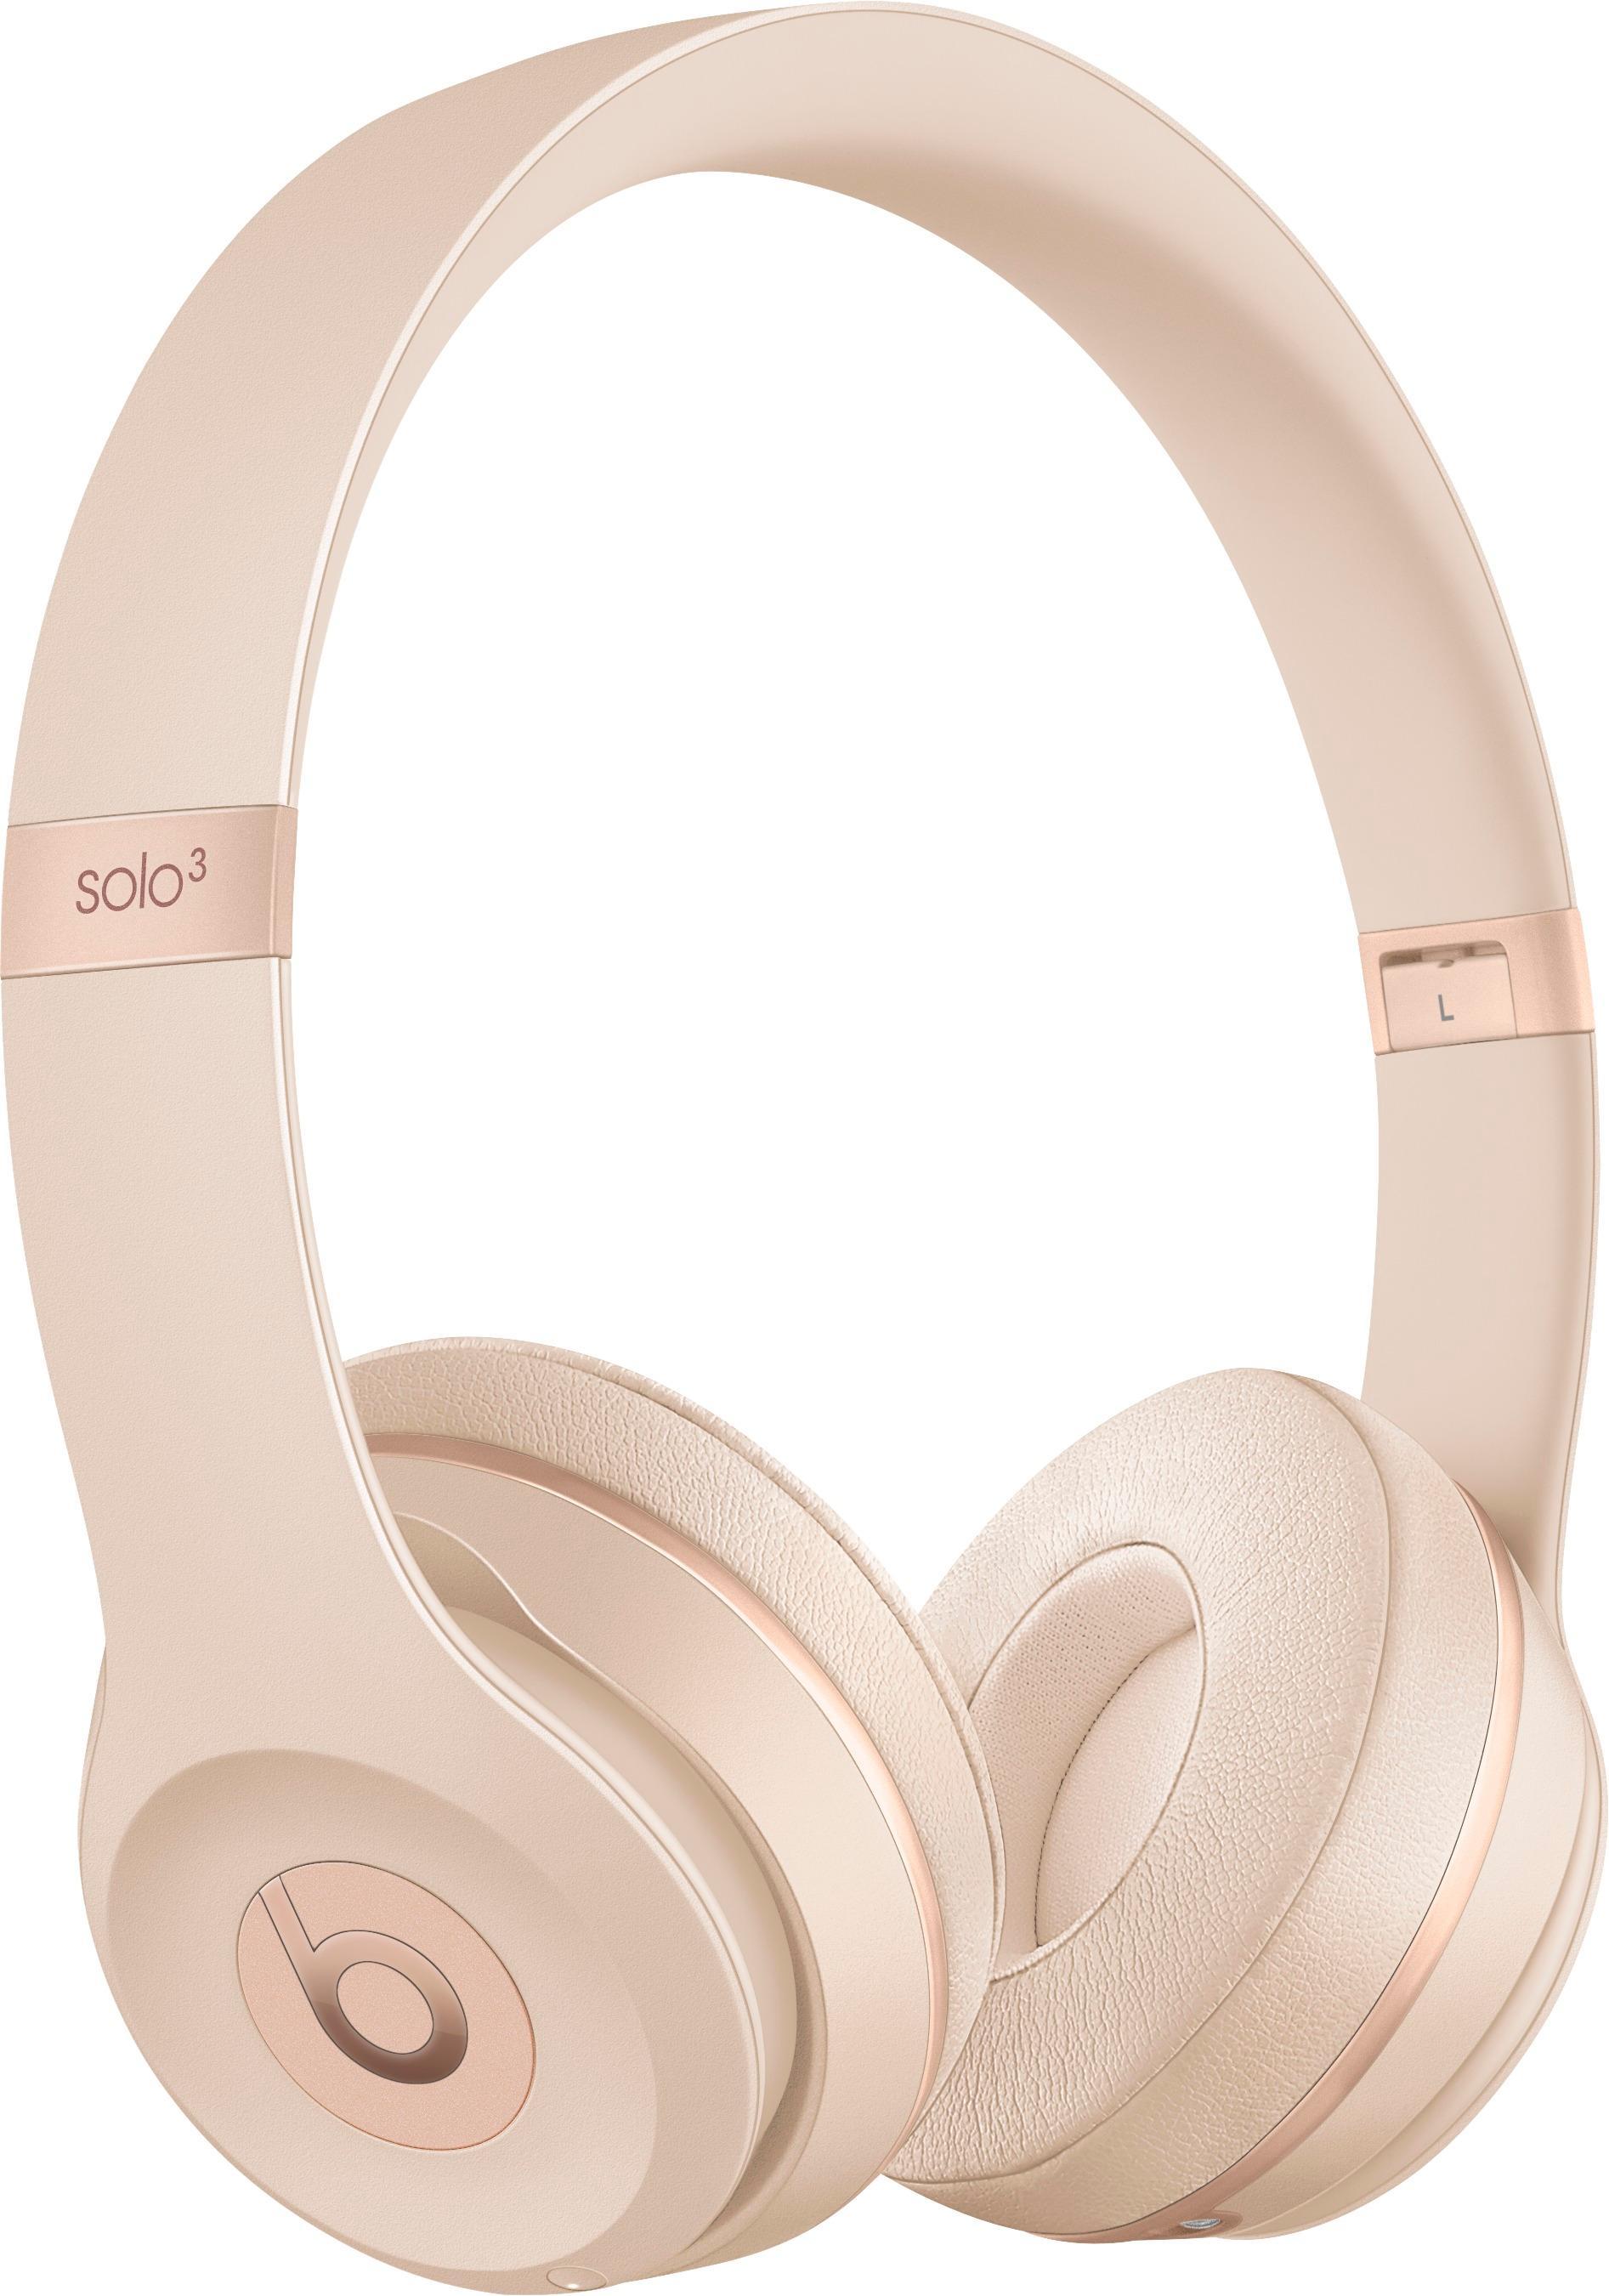 Beats by Dr. Dre - Beats Solo3 Wireless Headphones - Matte Gold $180 @Bestbuy